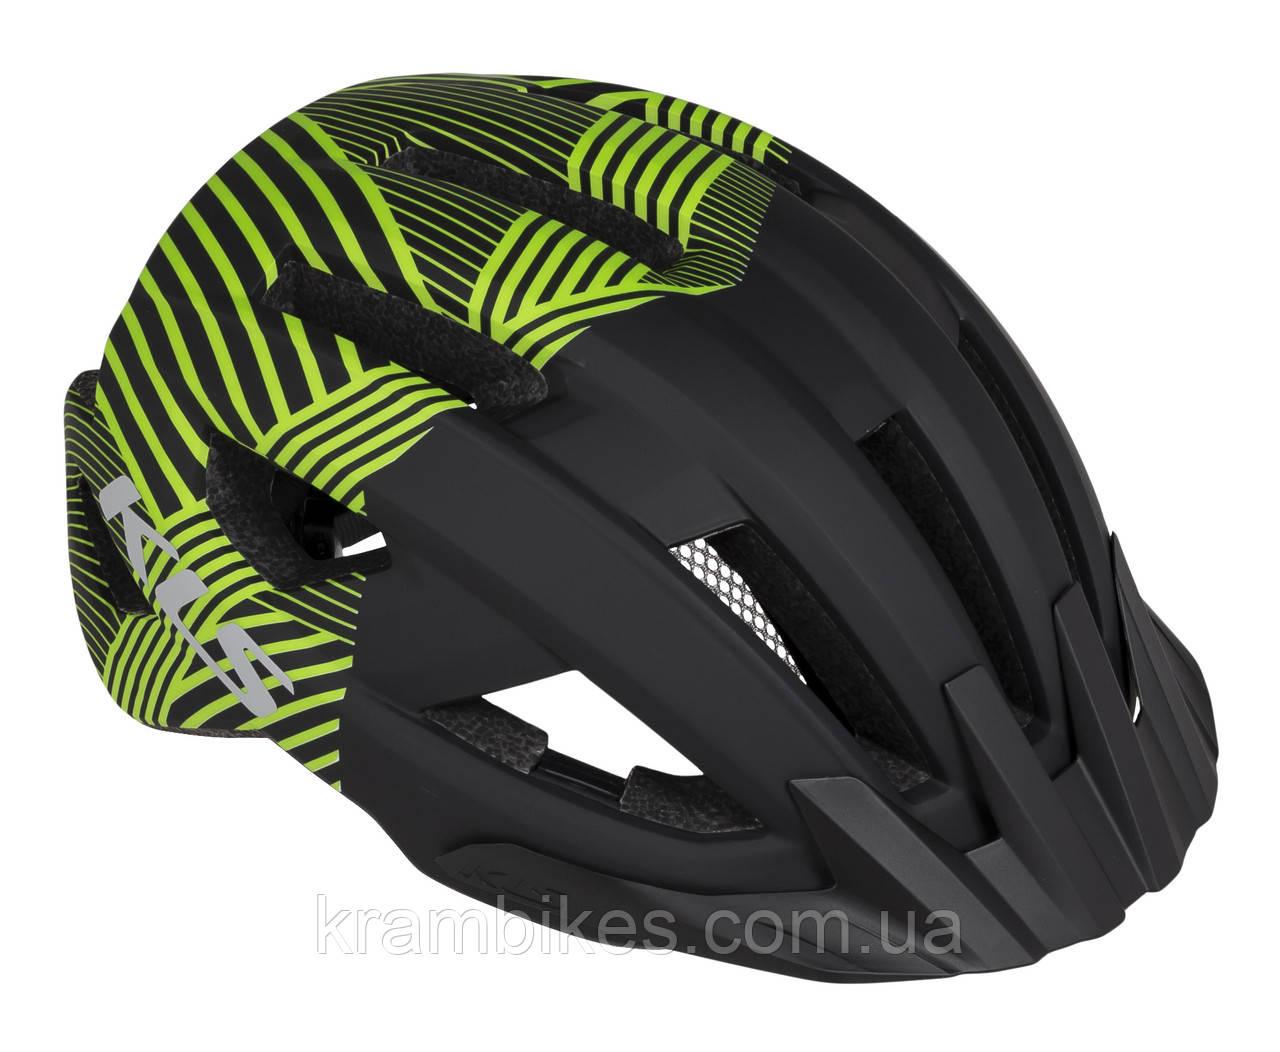 Шлем KLS - DAZE зелёный M/L